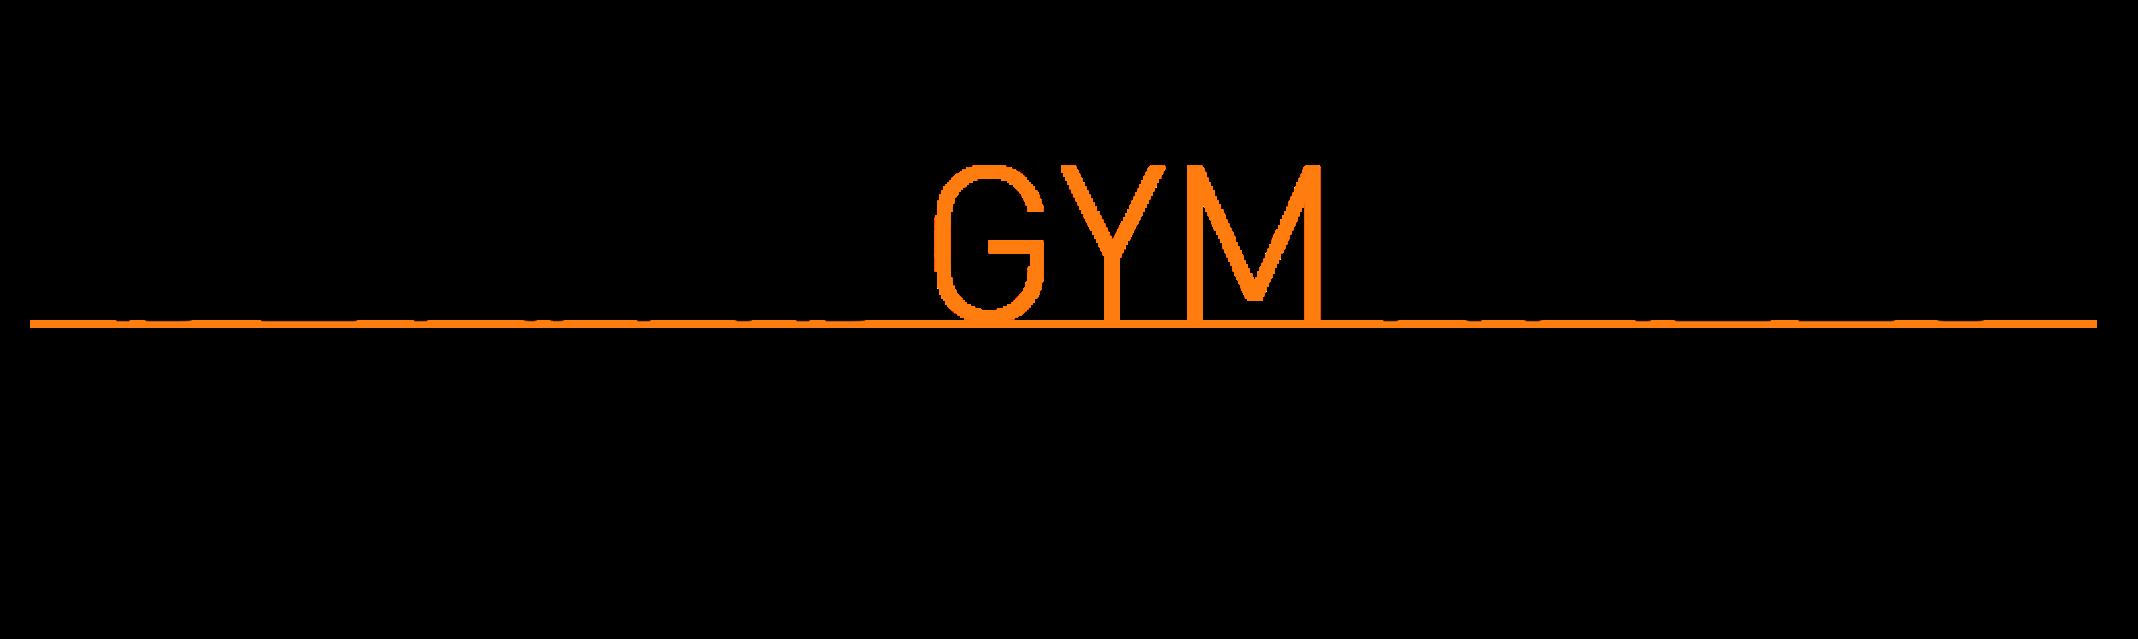 Beyond Gym Walls | Type Logo